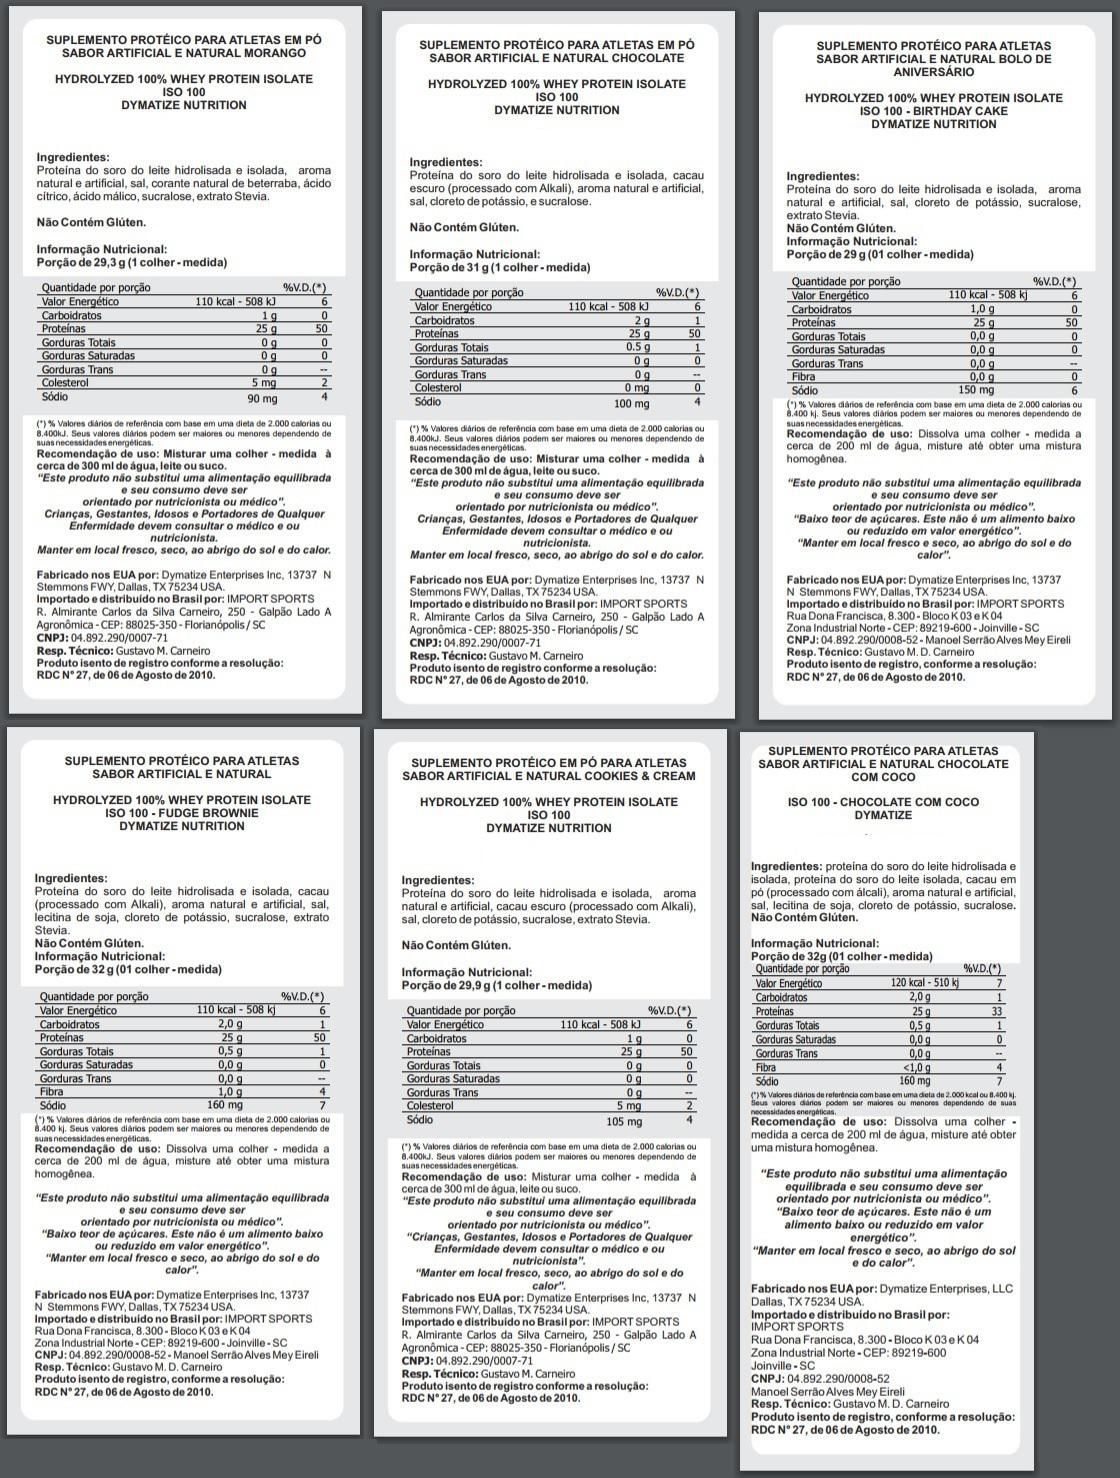 ISO 100 - 100% HIDROLYZED (1.6LB/726G) DYMATIZE